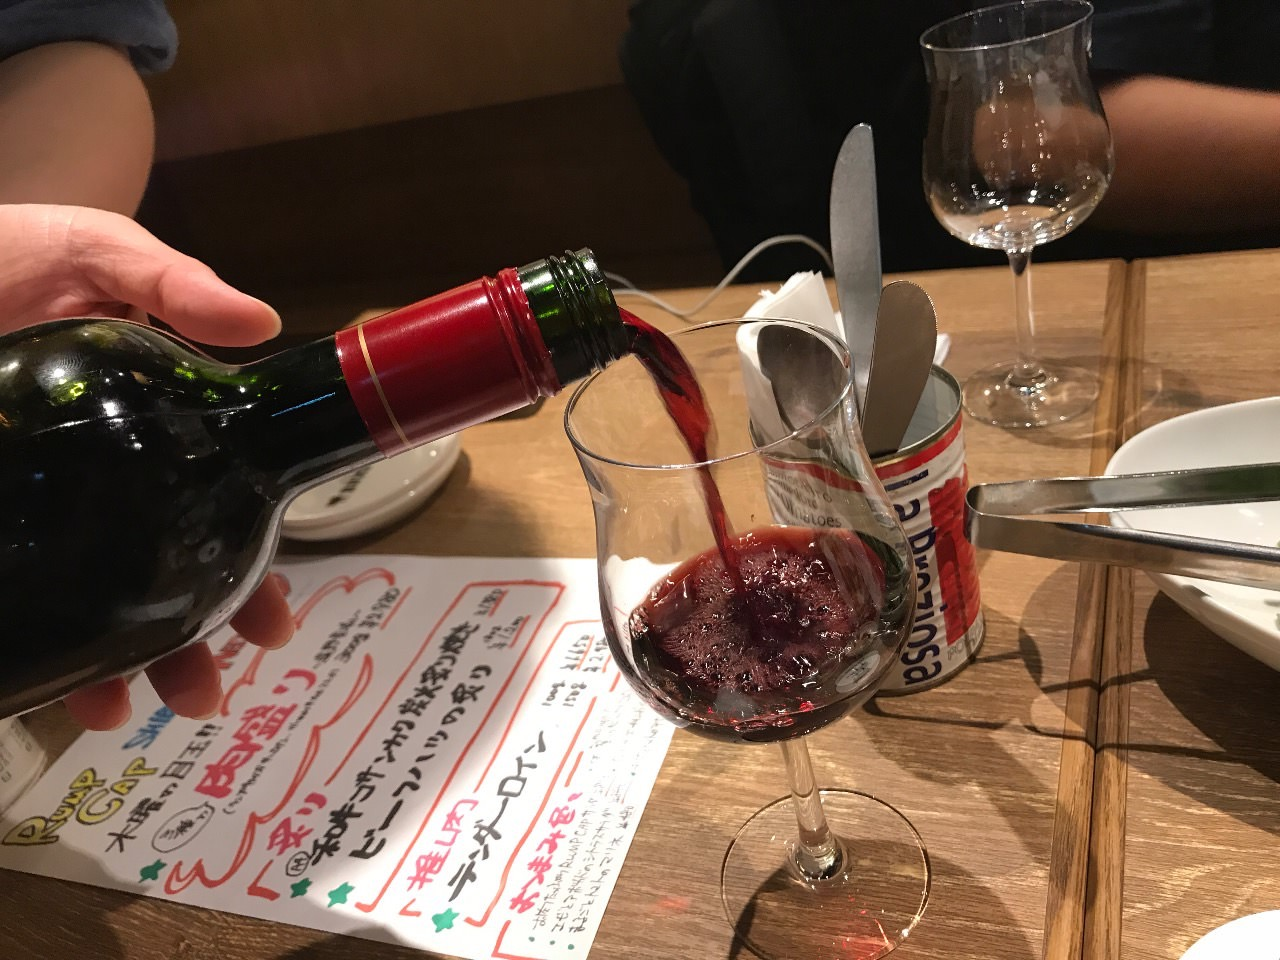 ランプキャップ渋谷店 ワイン